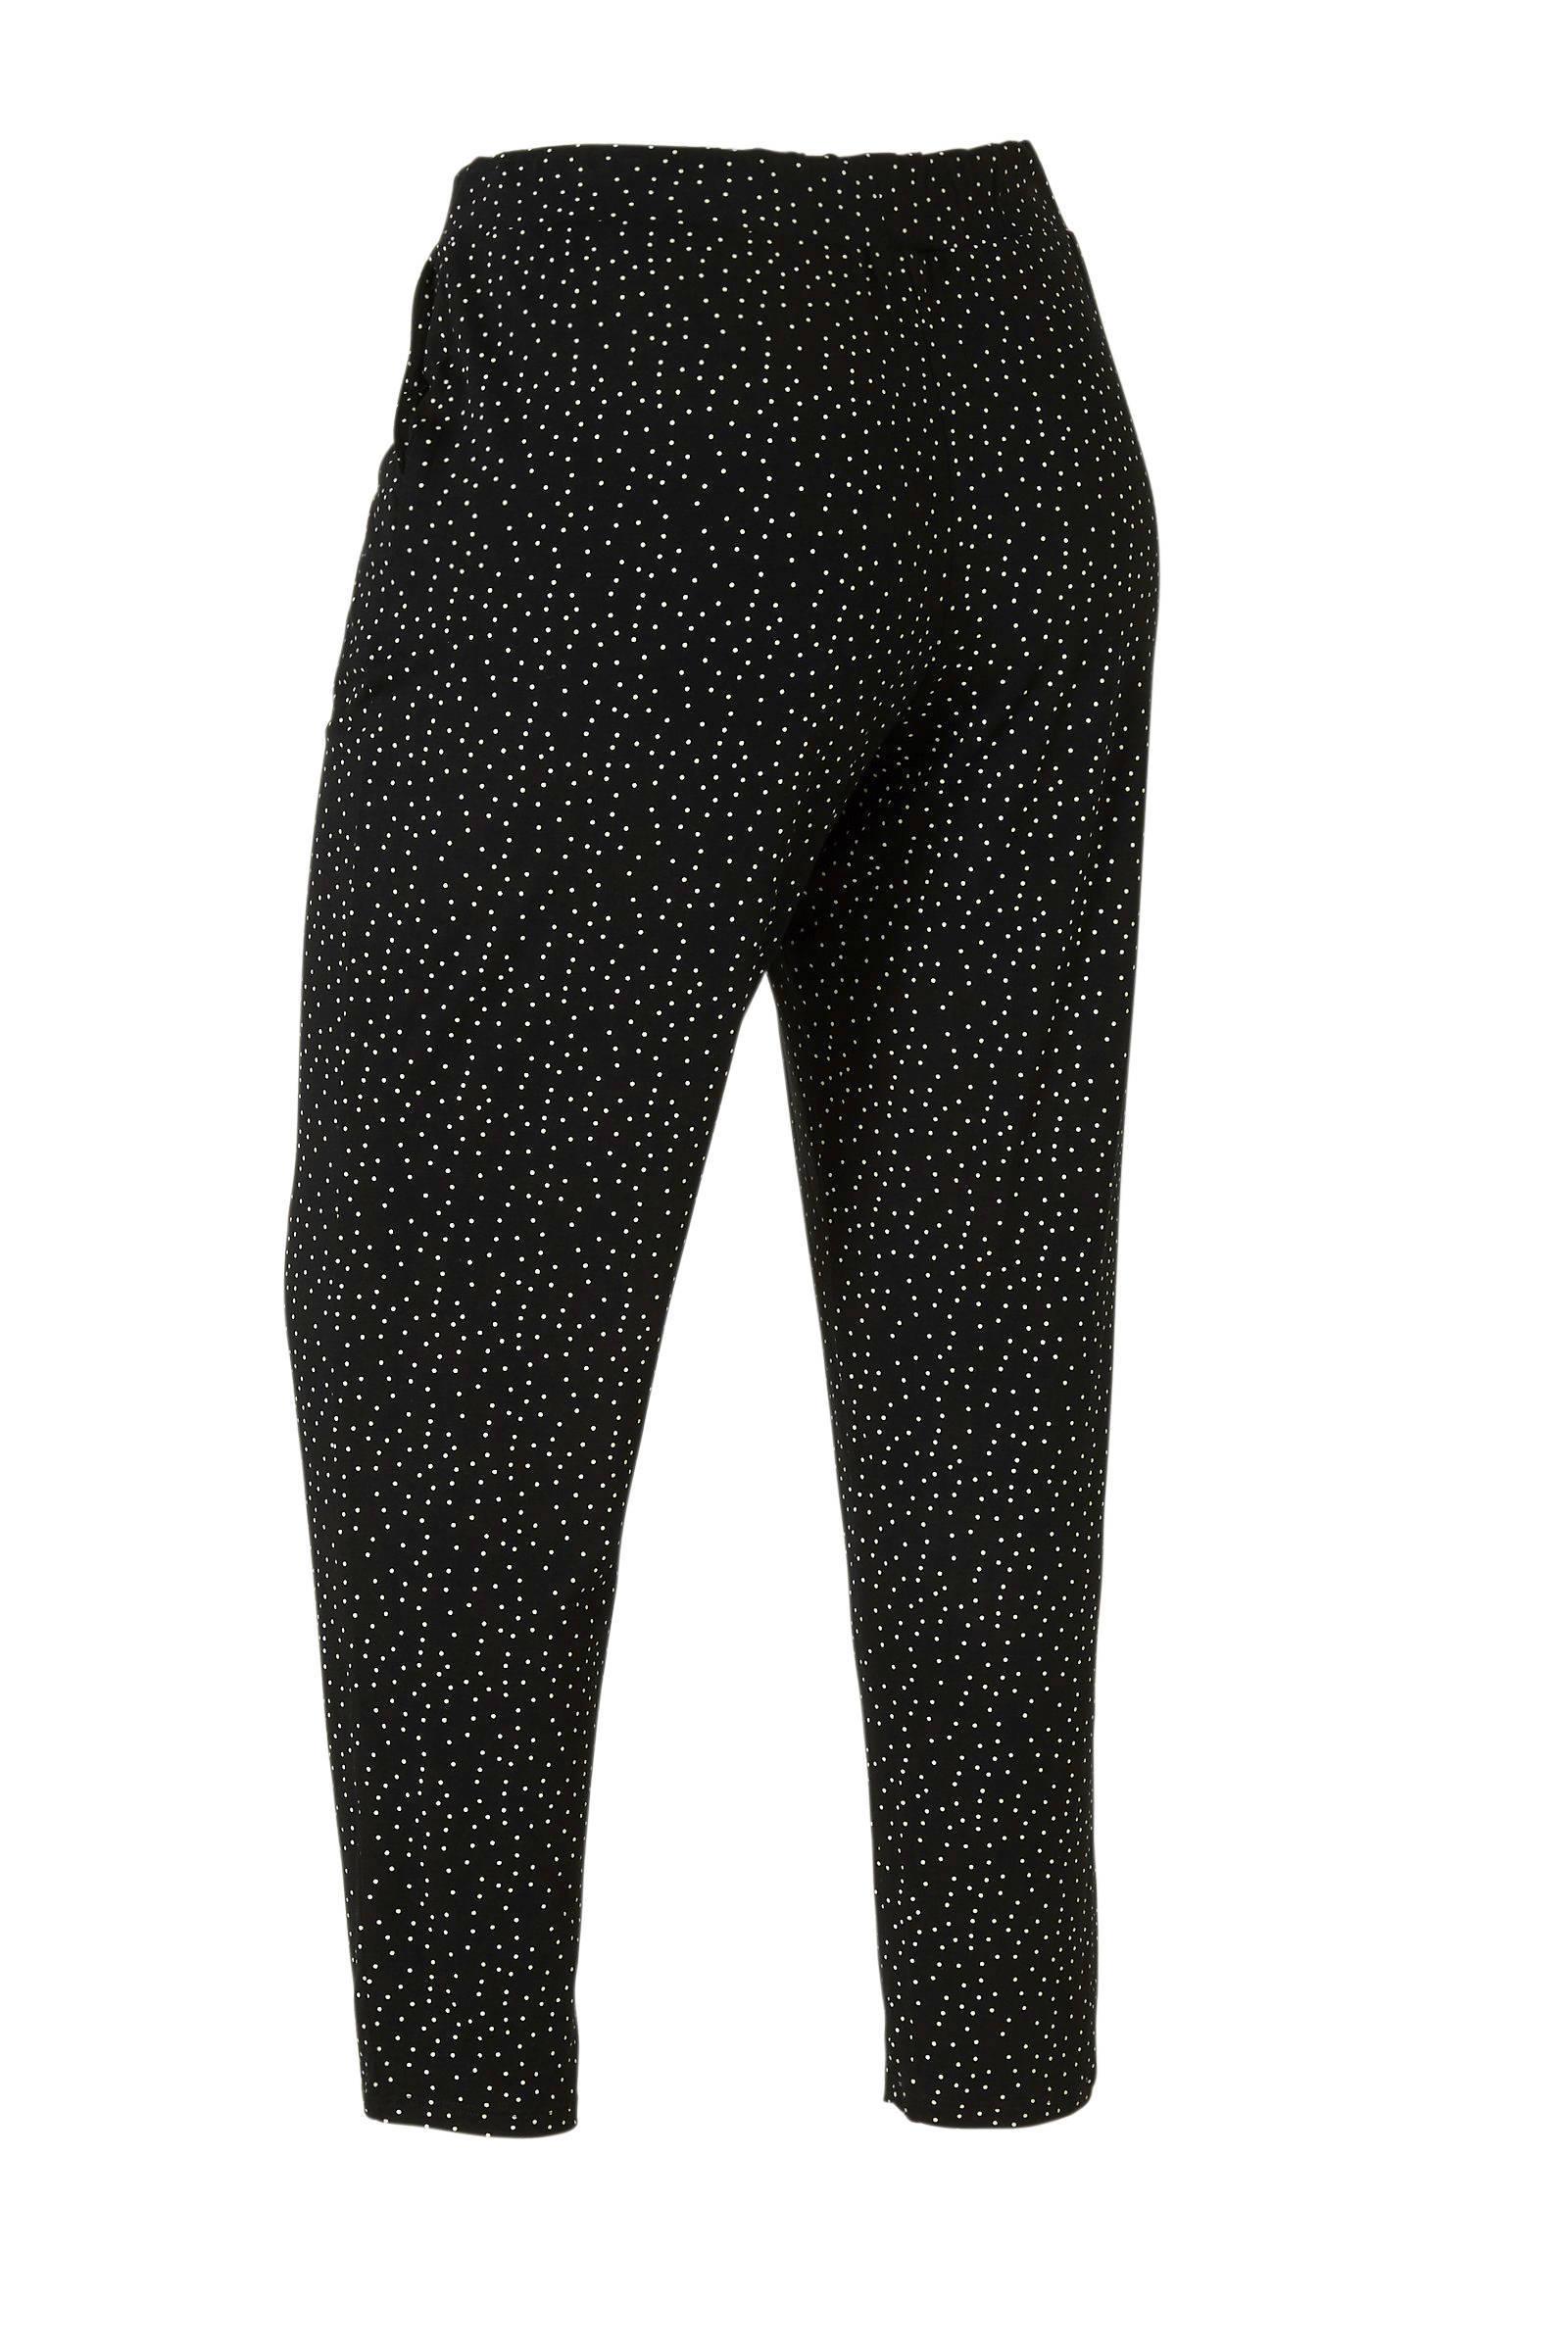 1fc9ba90016 palazzo broek met stippen zwart/wit